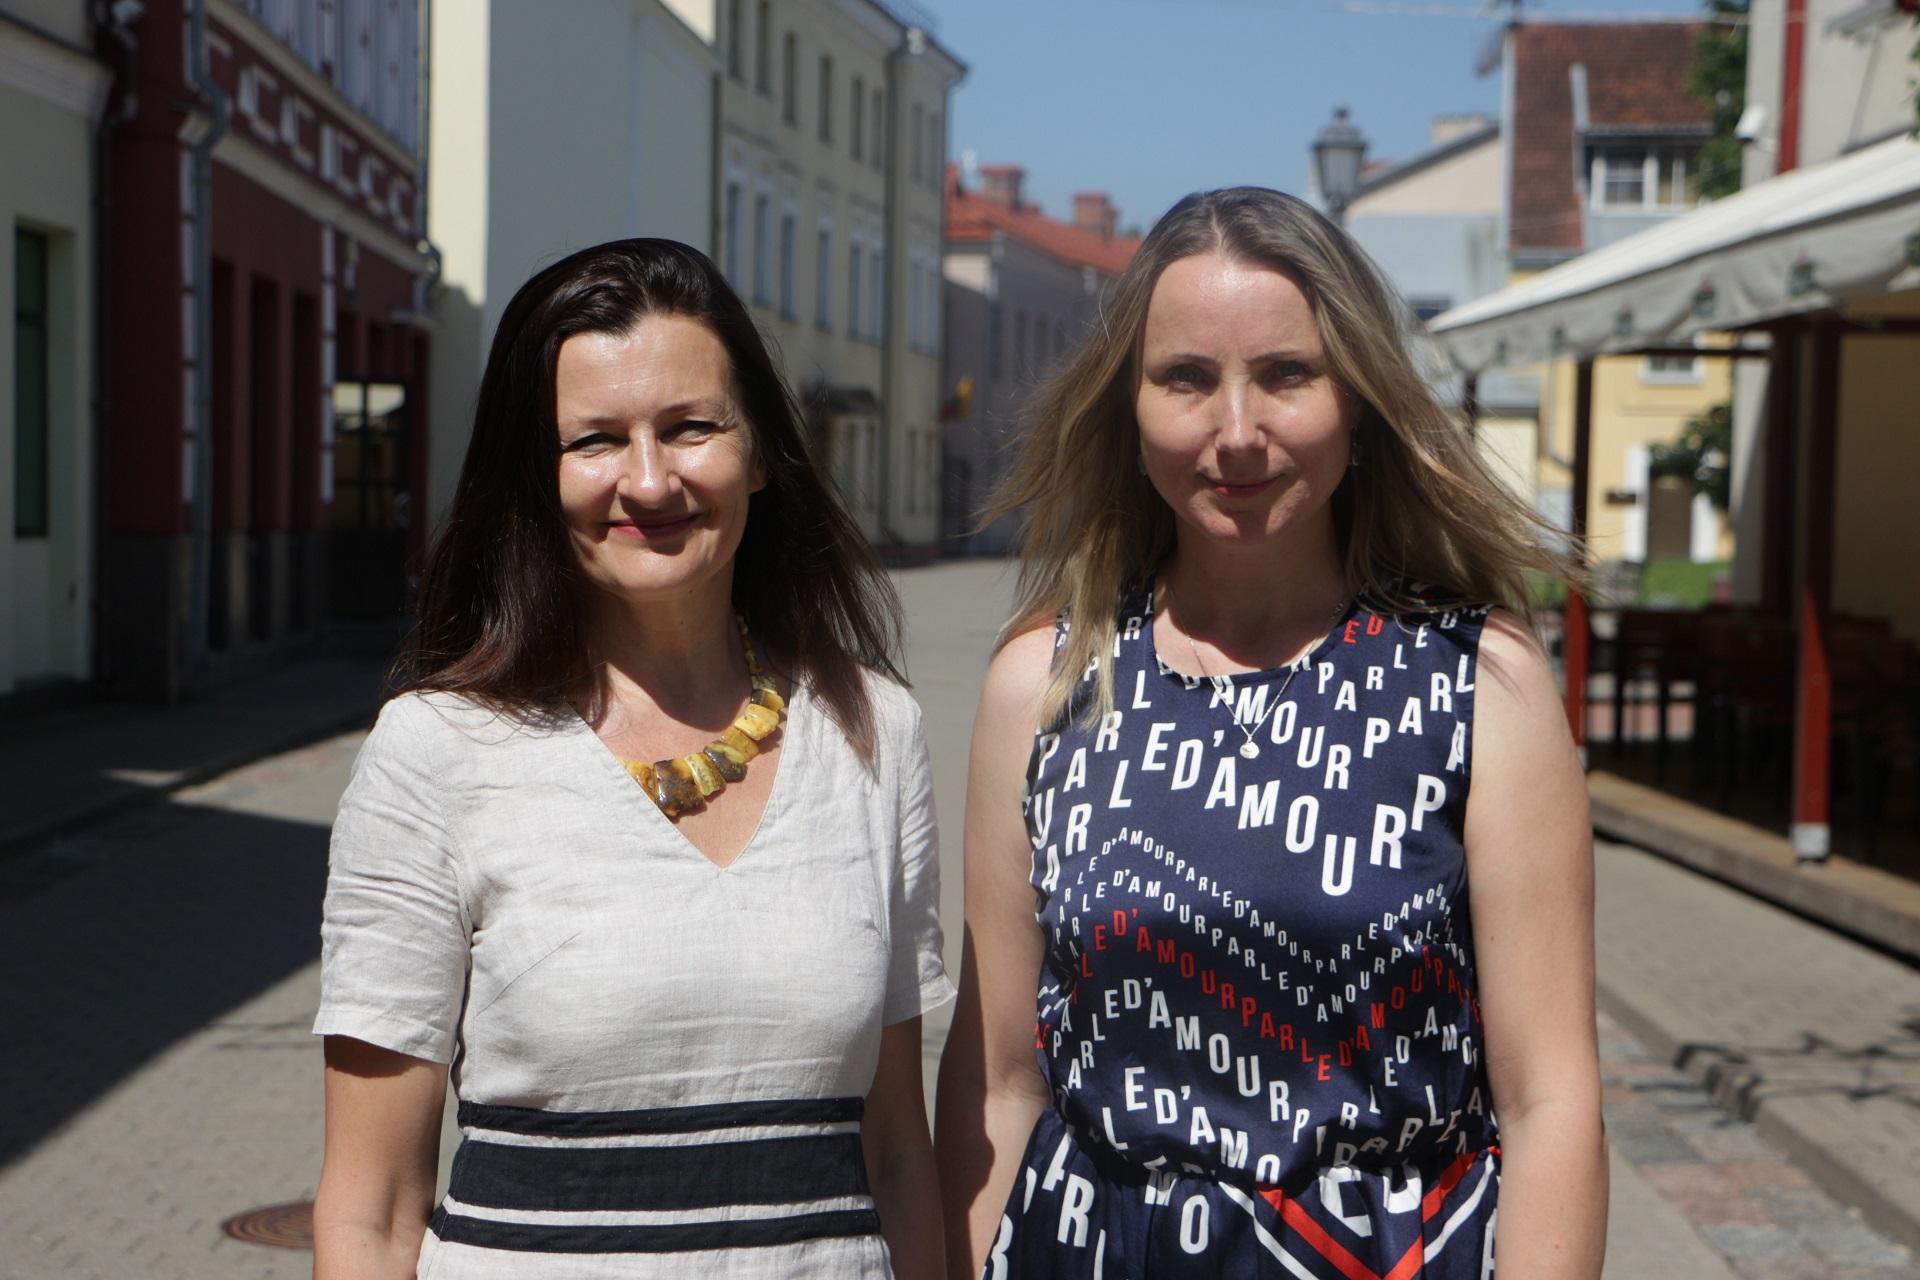 """Žinomos kino kūrėjos prodiuserė Živilė Gallego (dešinėje) ir režisierė Inesa Kurklietytė mūsų miesto gatves jau visai netrukus pavers didele kino aikštele– Kėdainiuose bus kuriamas ilgametražis nuotykių filmas vaikams """"Drugelio širdis"""". Aldo Surkevičiaus nuotr."""